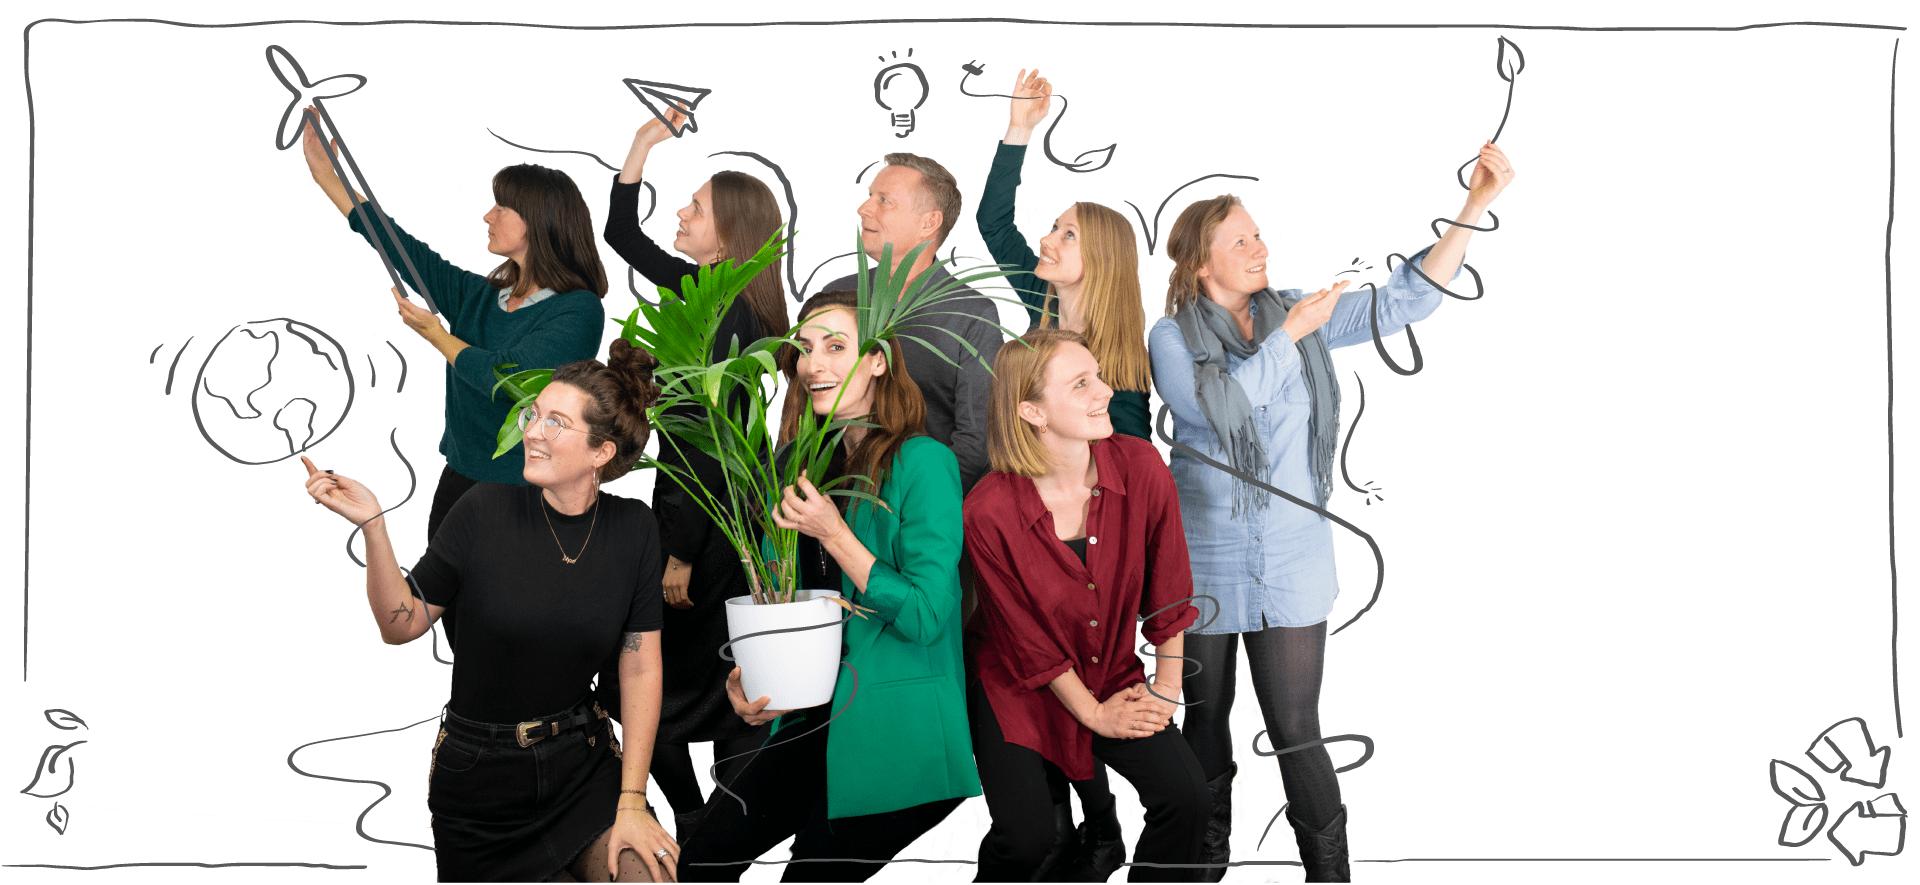 Branding A Better World Teamfoto